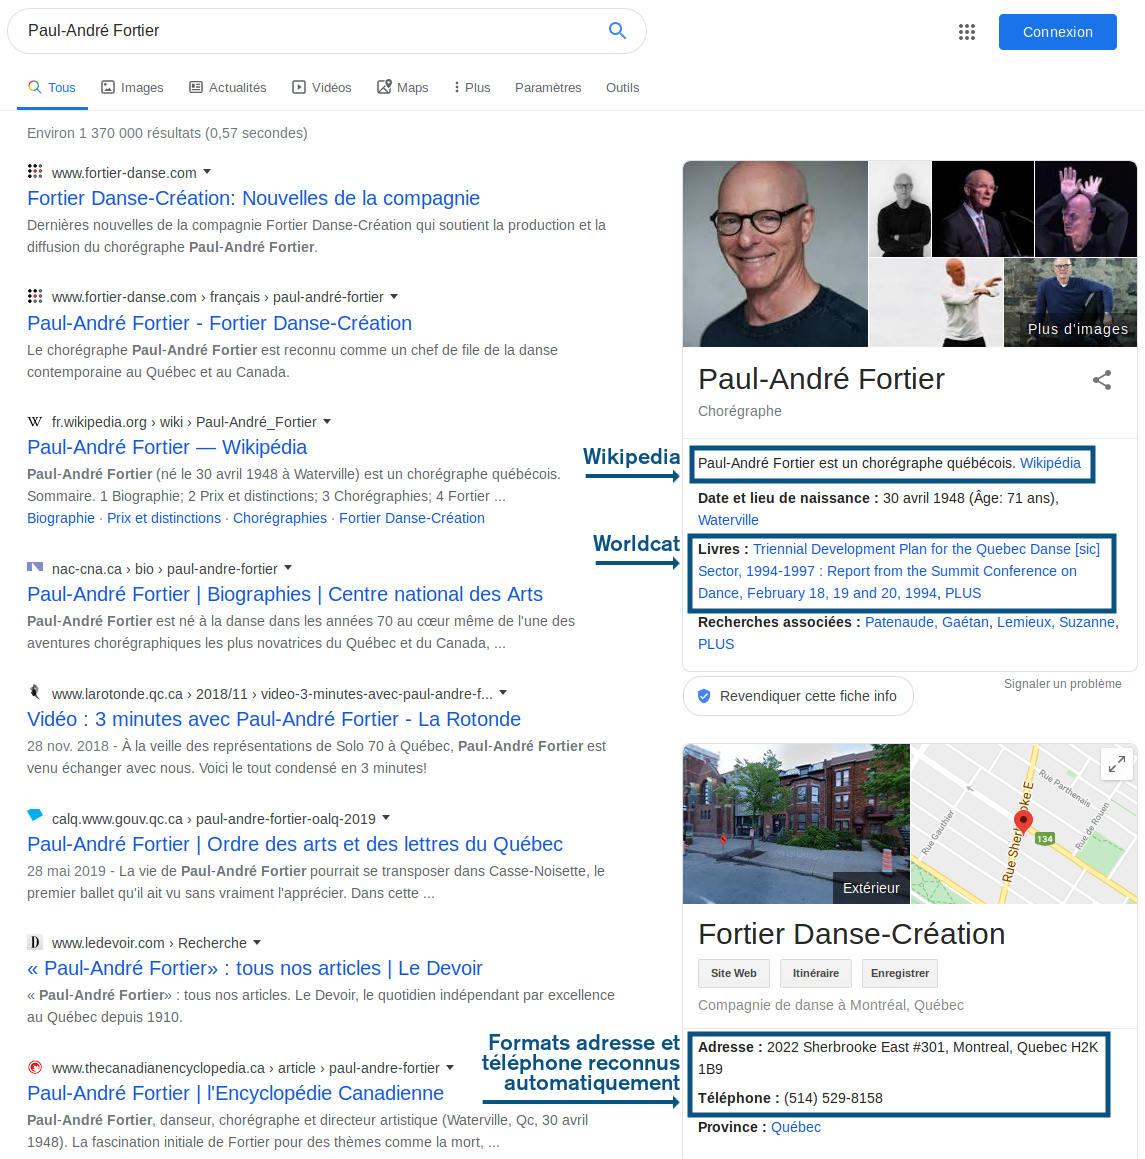 Exemple d'utilisation des métadonnées par Google